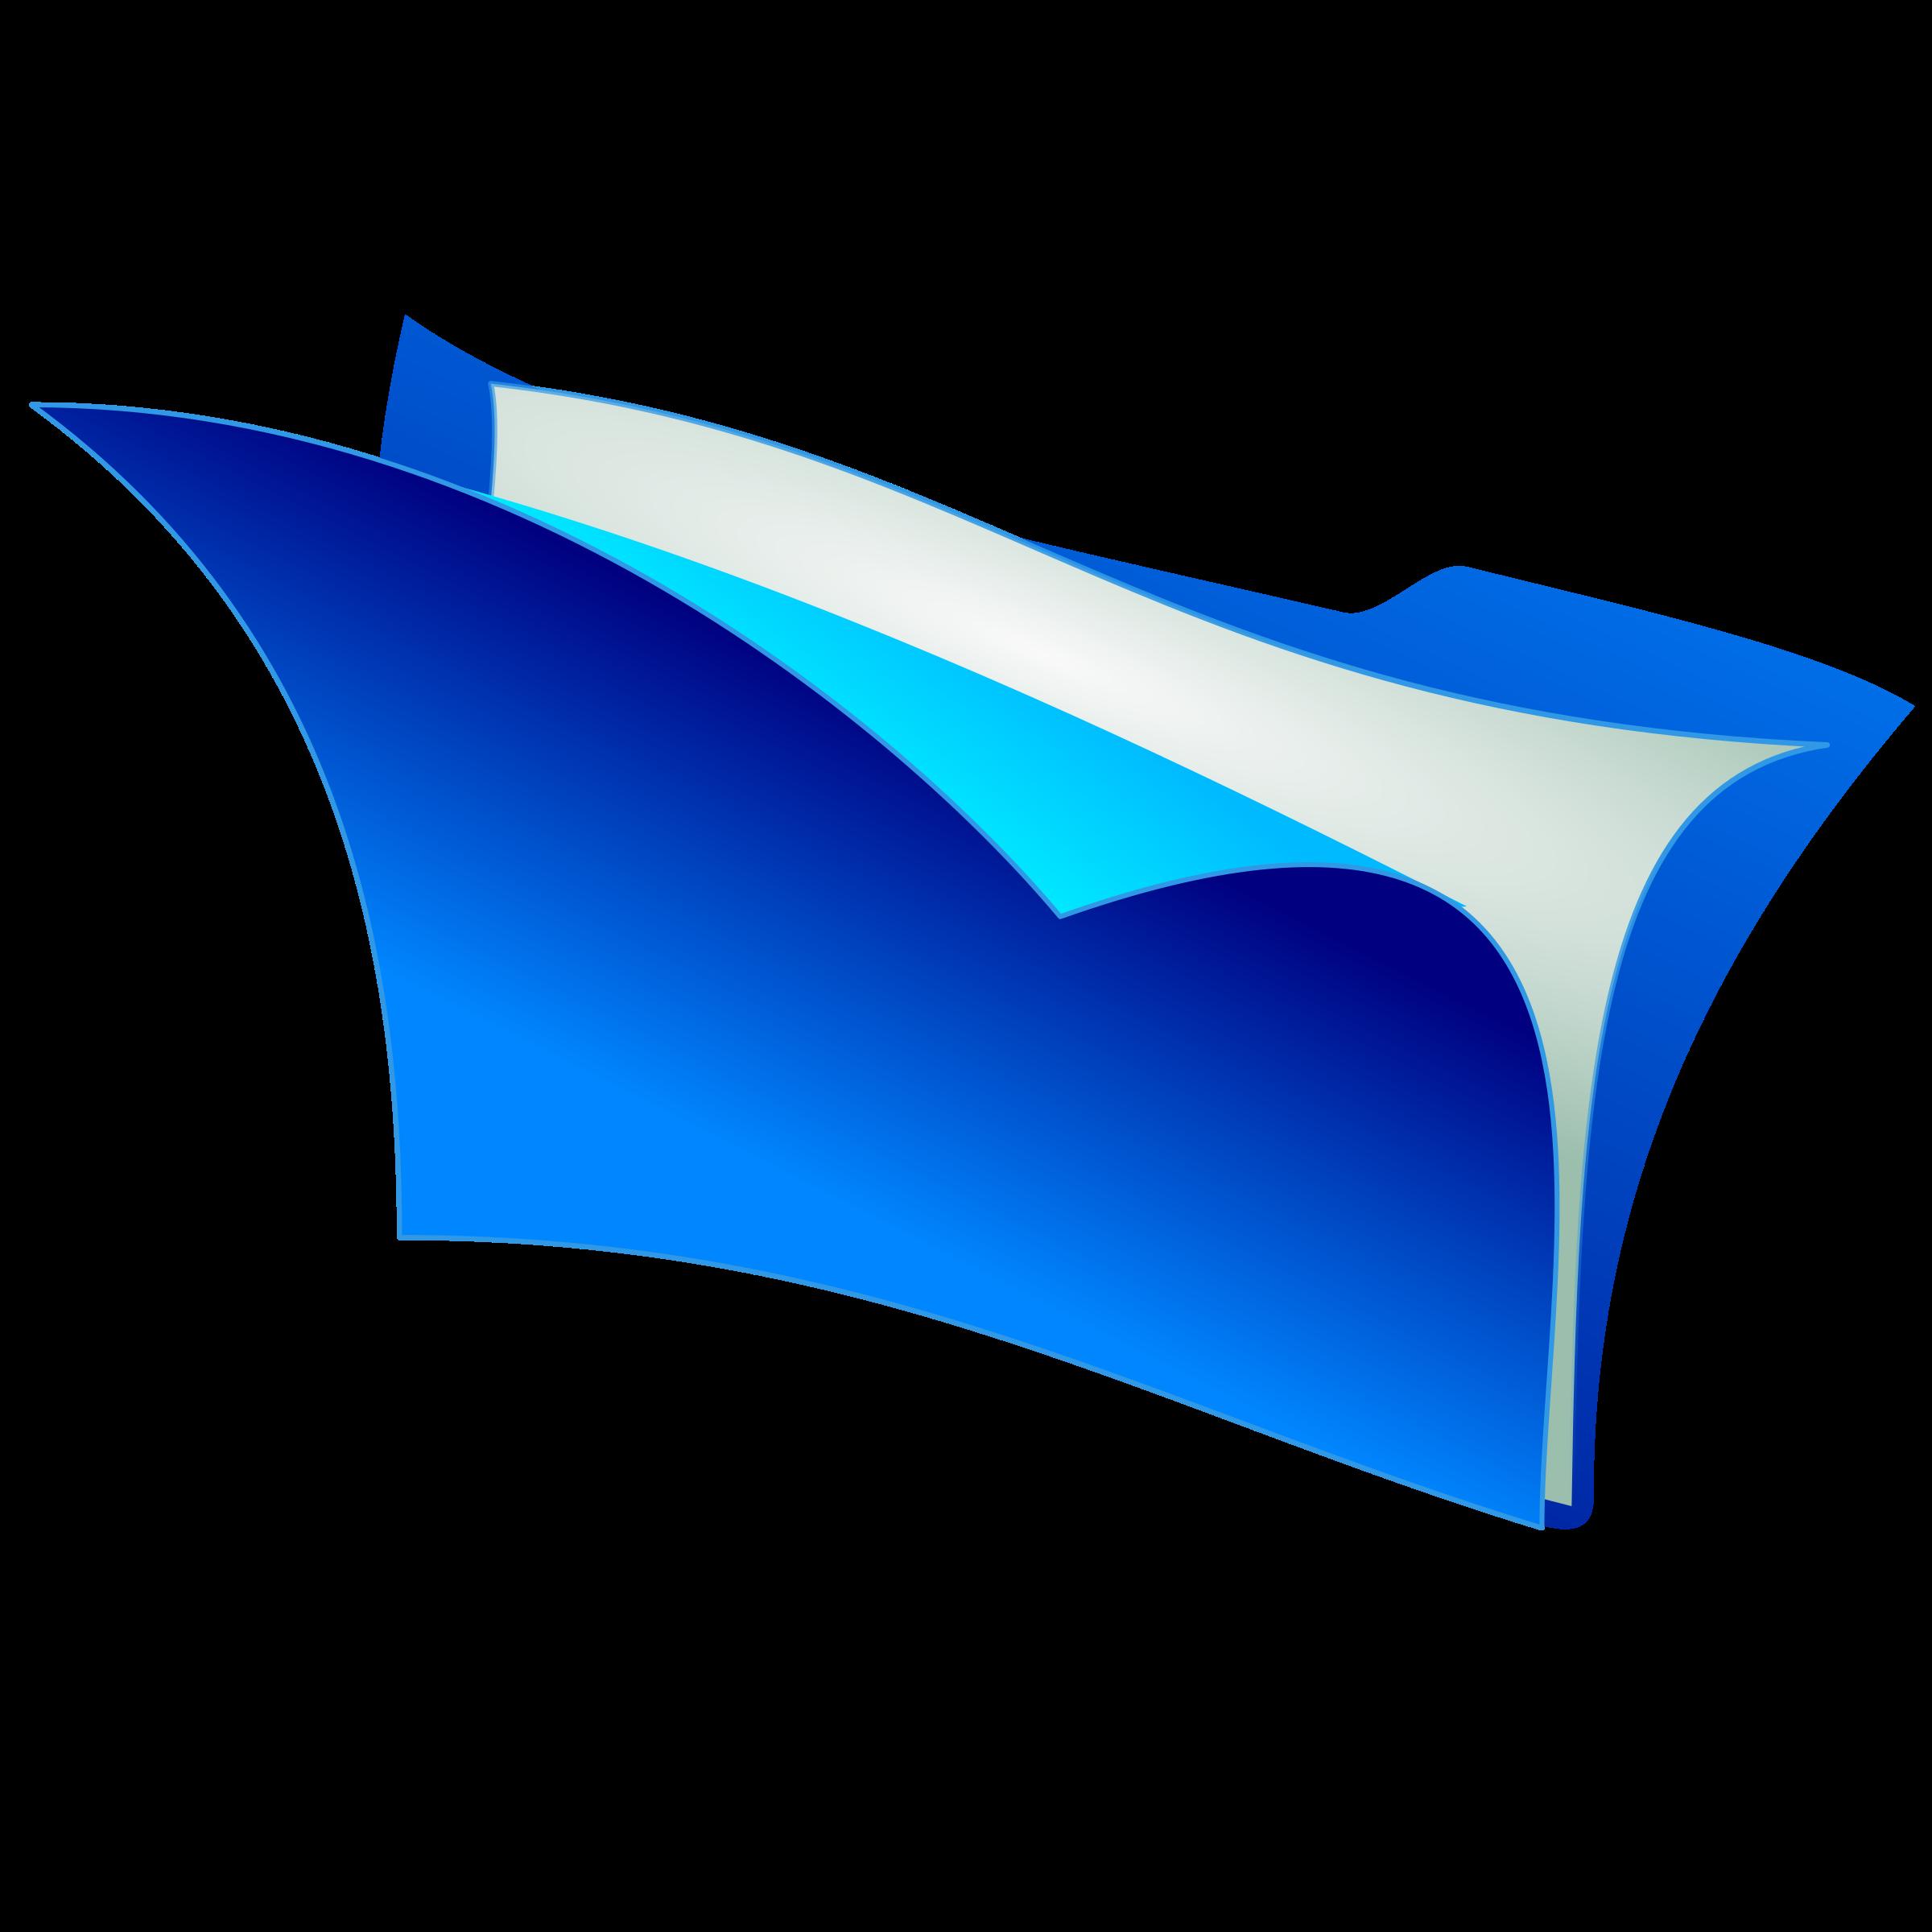 Folder clipart blue folder. Big image png